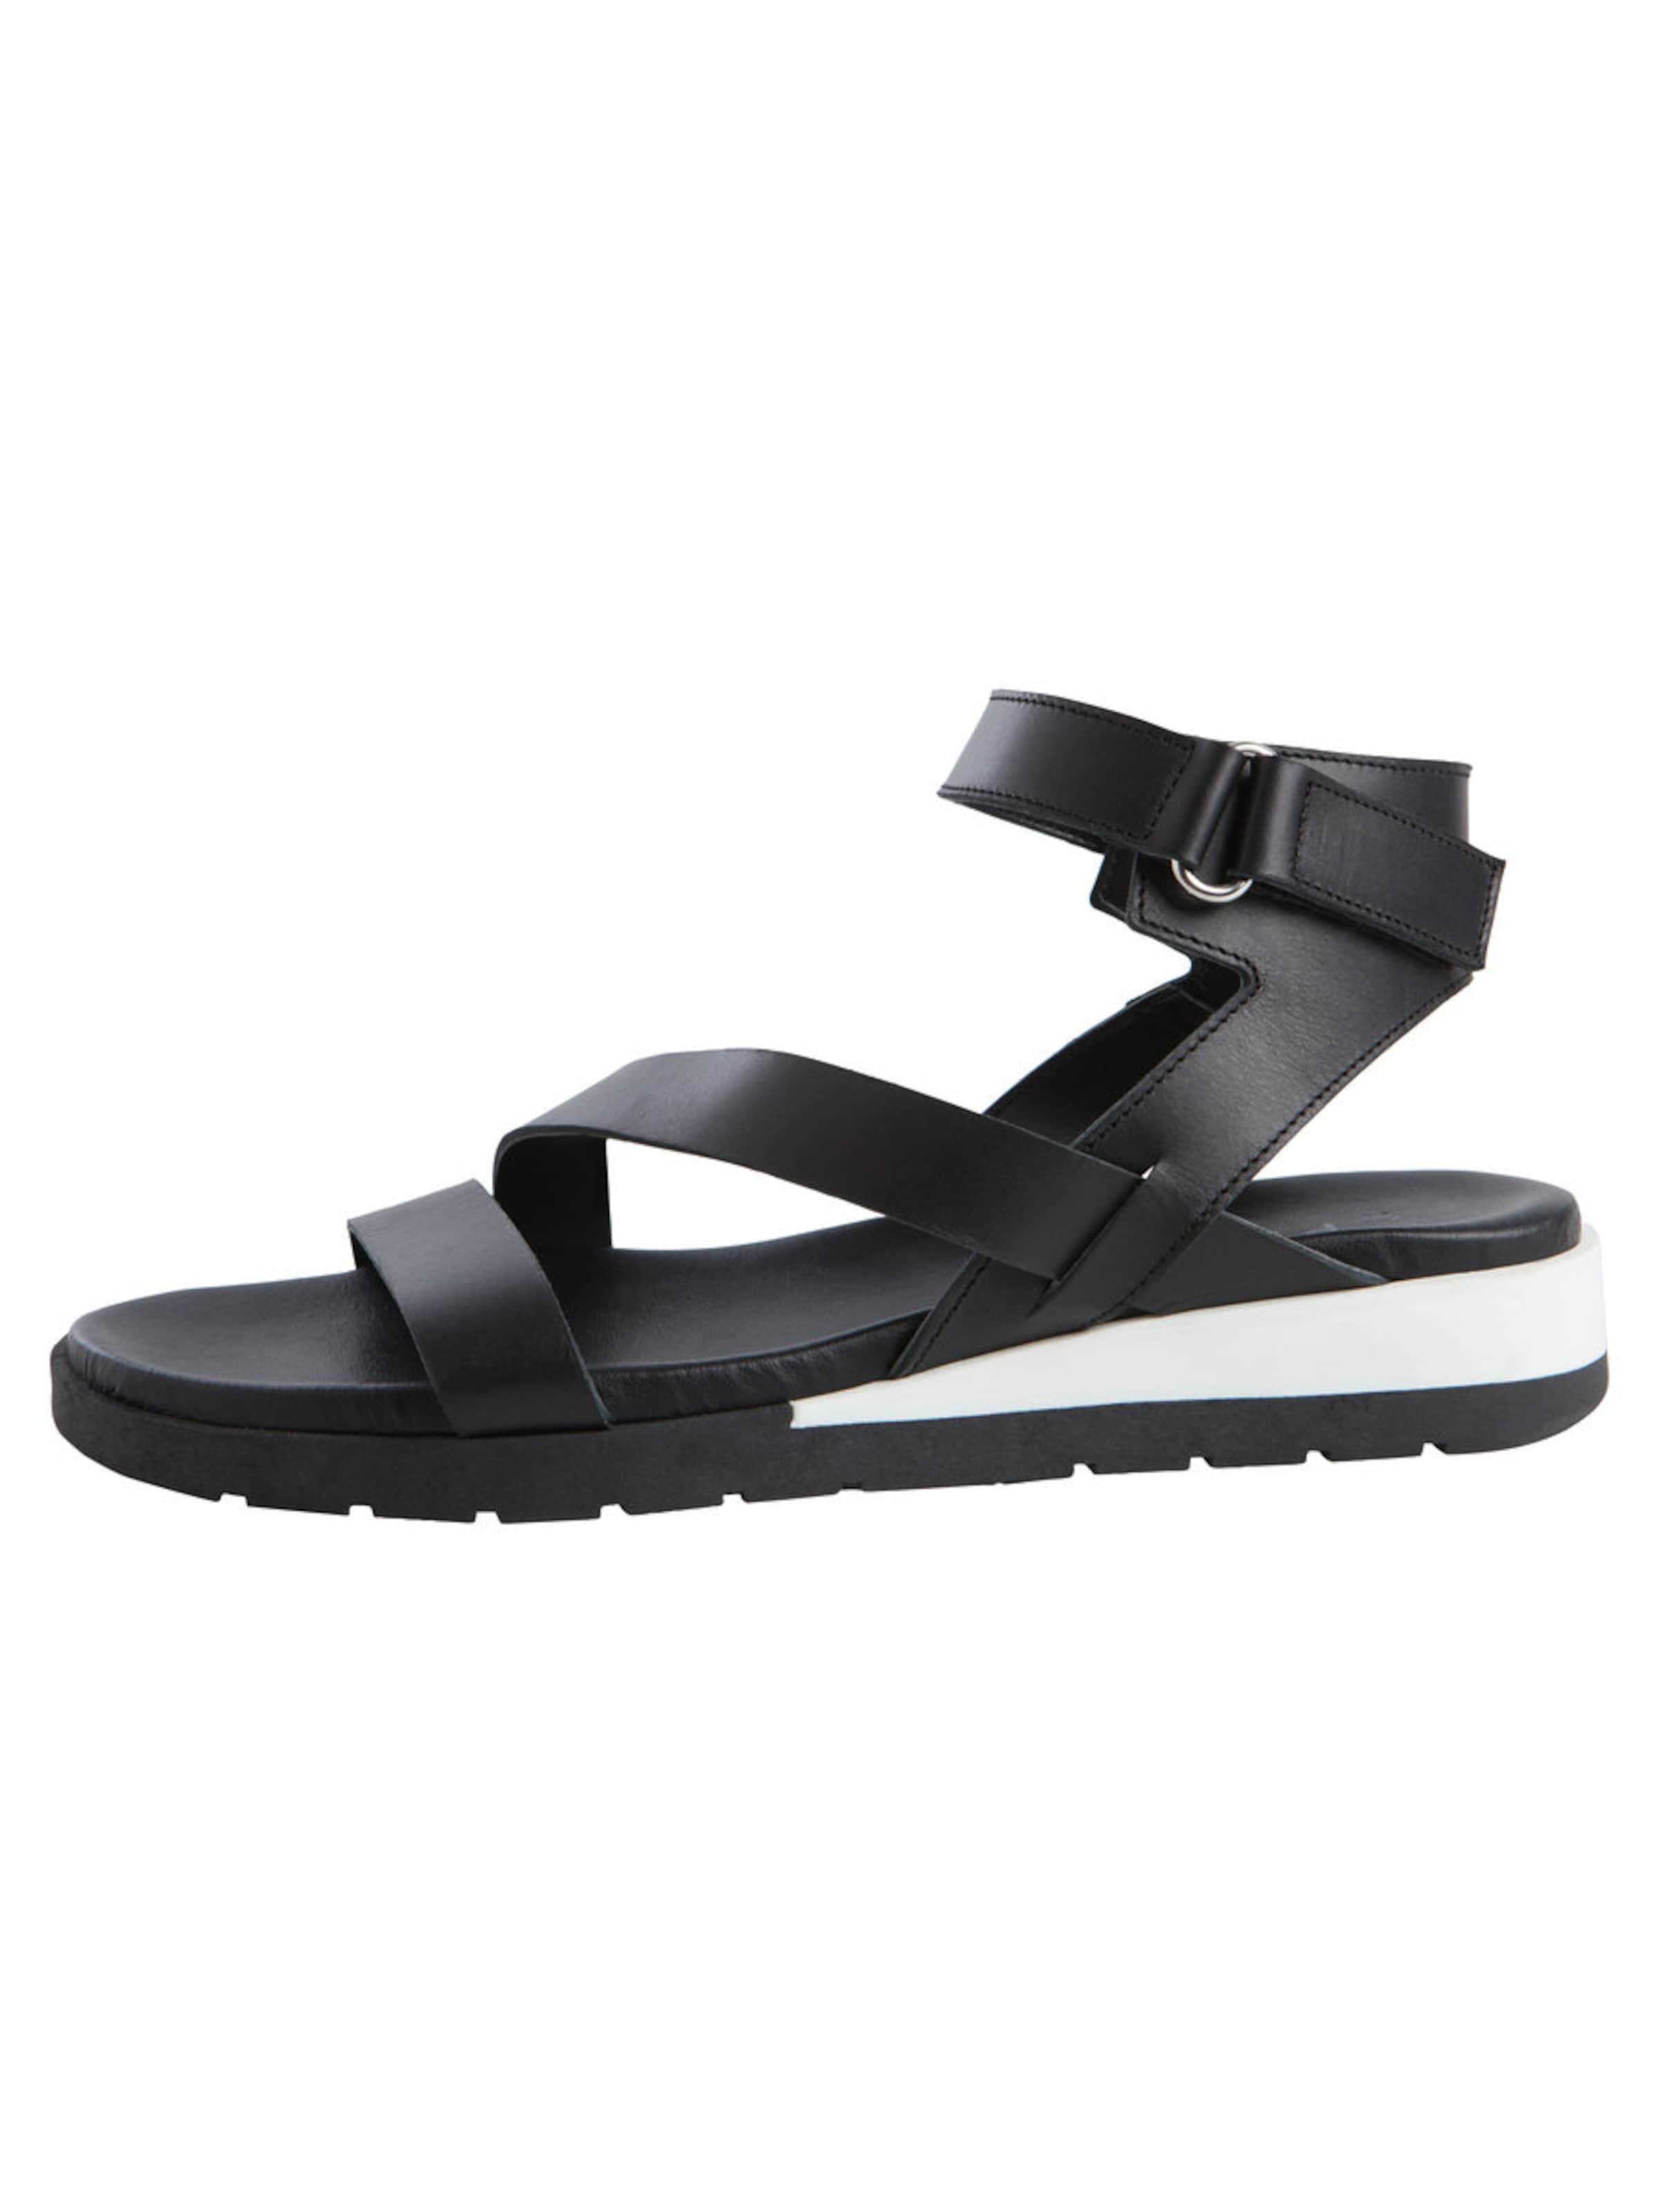 PIECES Leder-Sandalen Verschleißfeste billige Schuhe Hohe Qualität